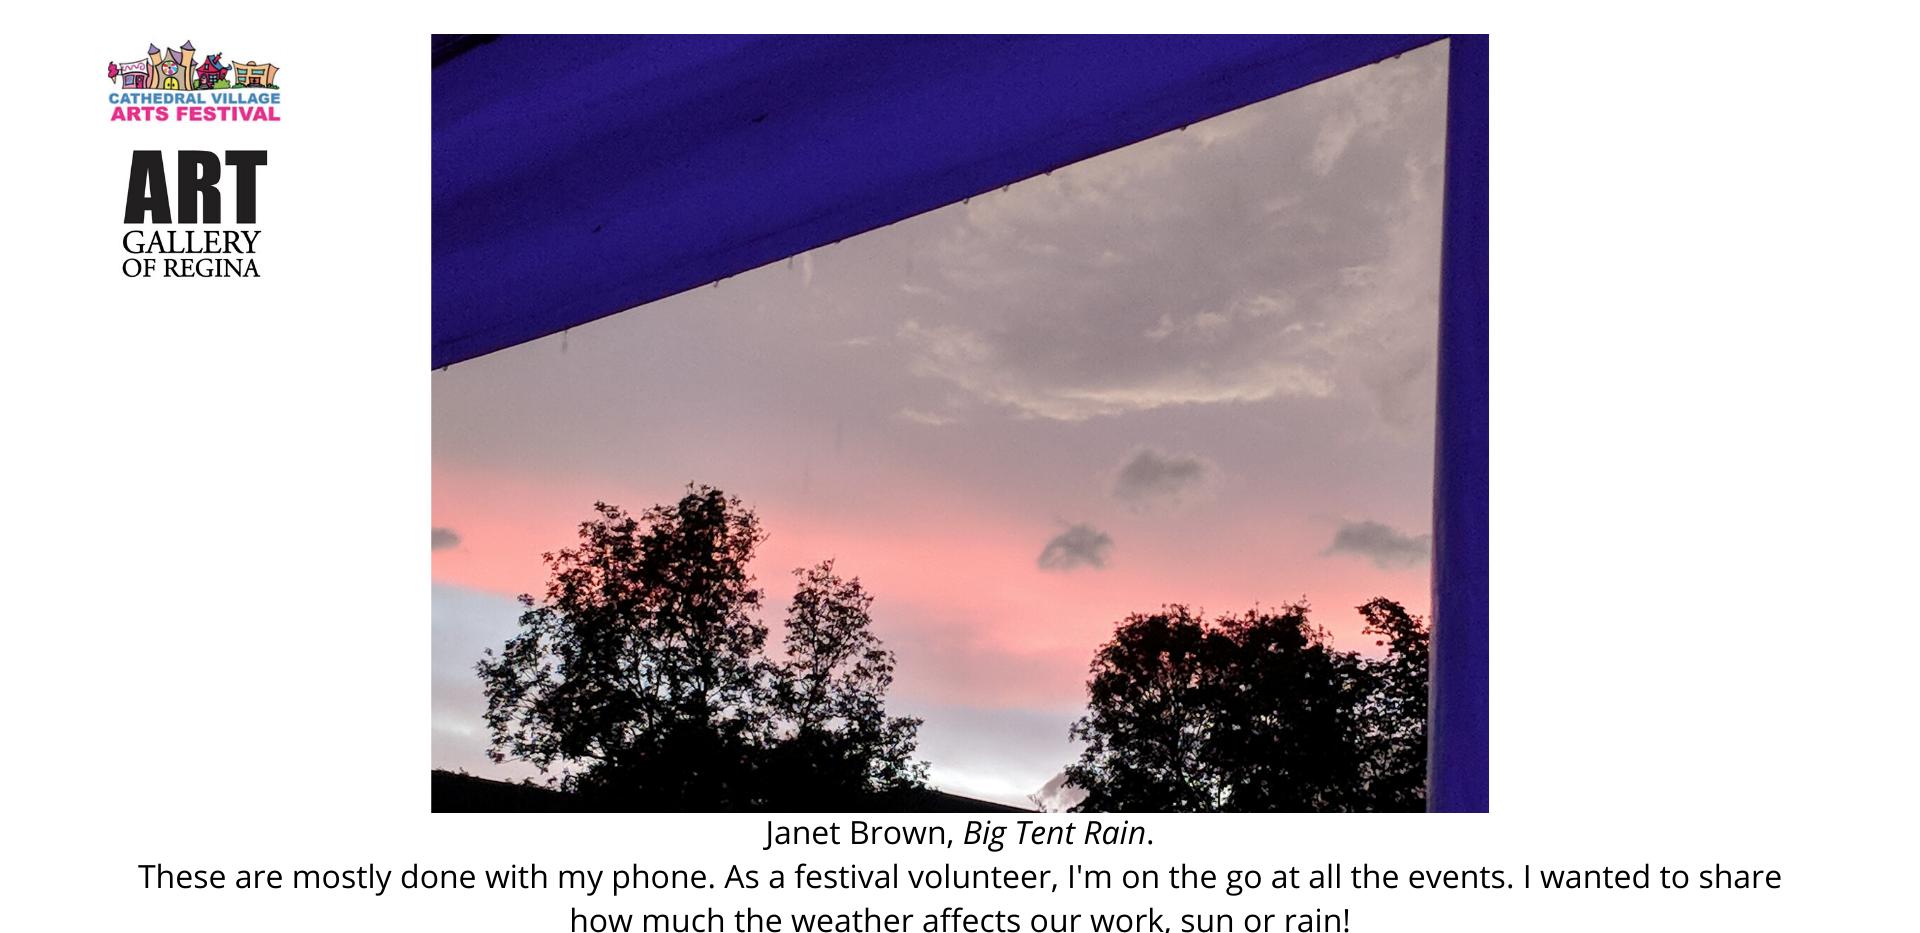 Janet Brown,Big Tent Rain.